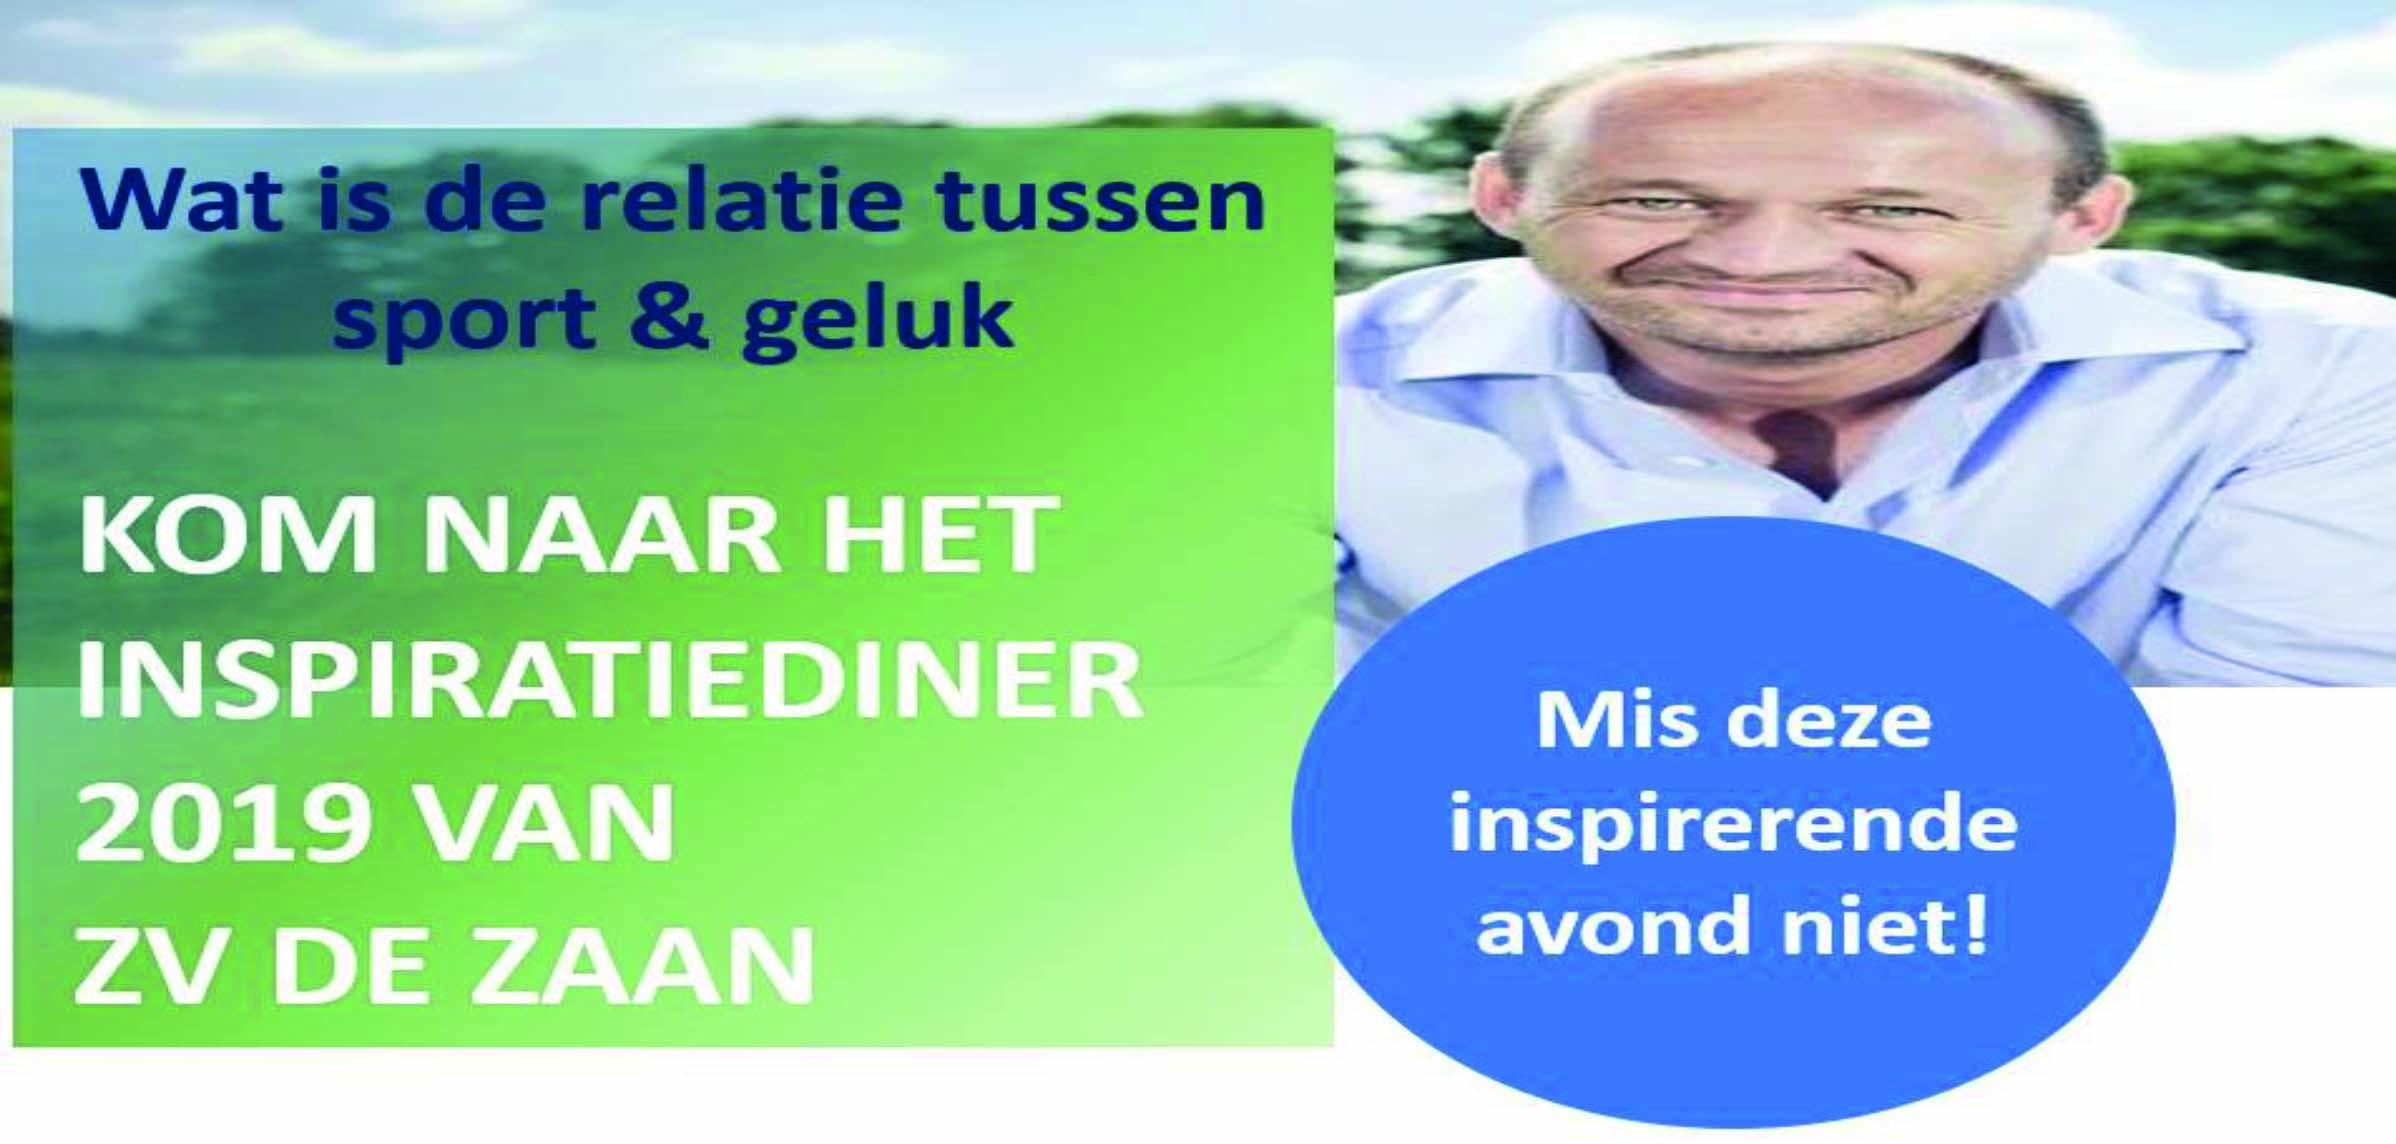 ZV De Zaan organiseert INSPIRATIEdiner